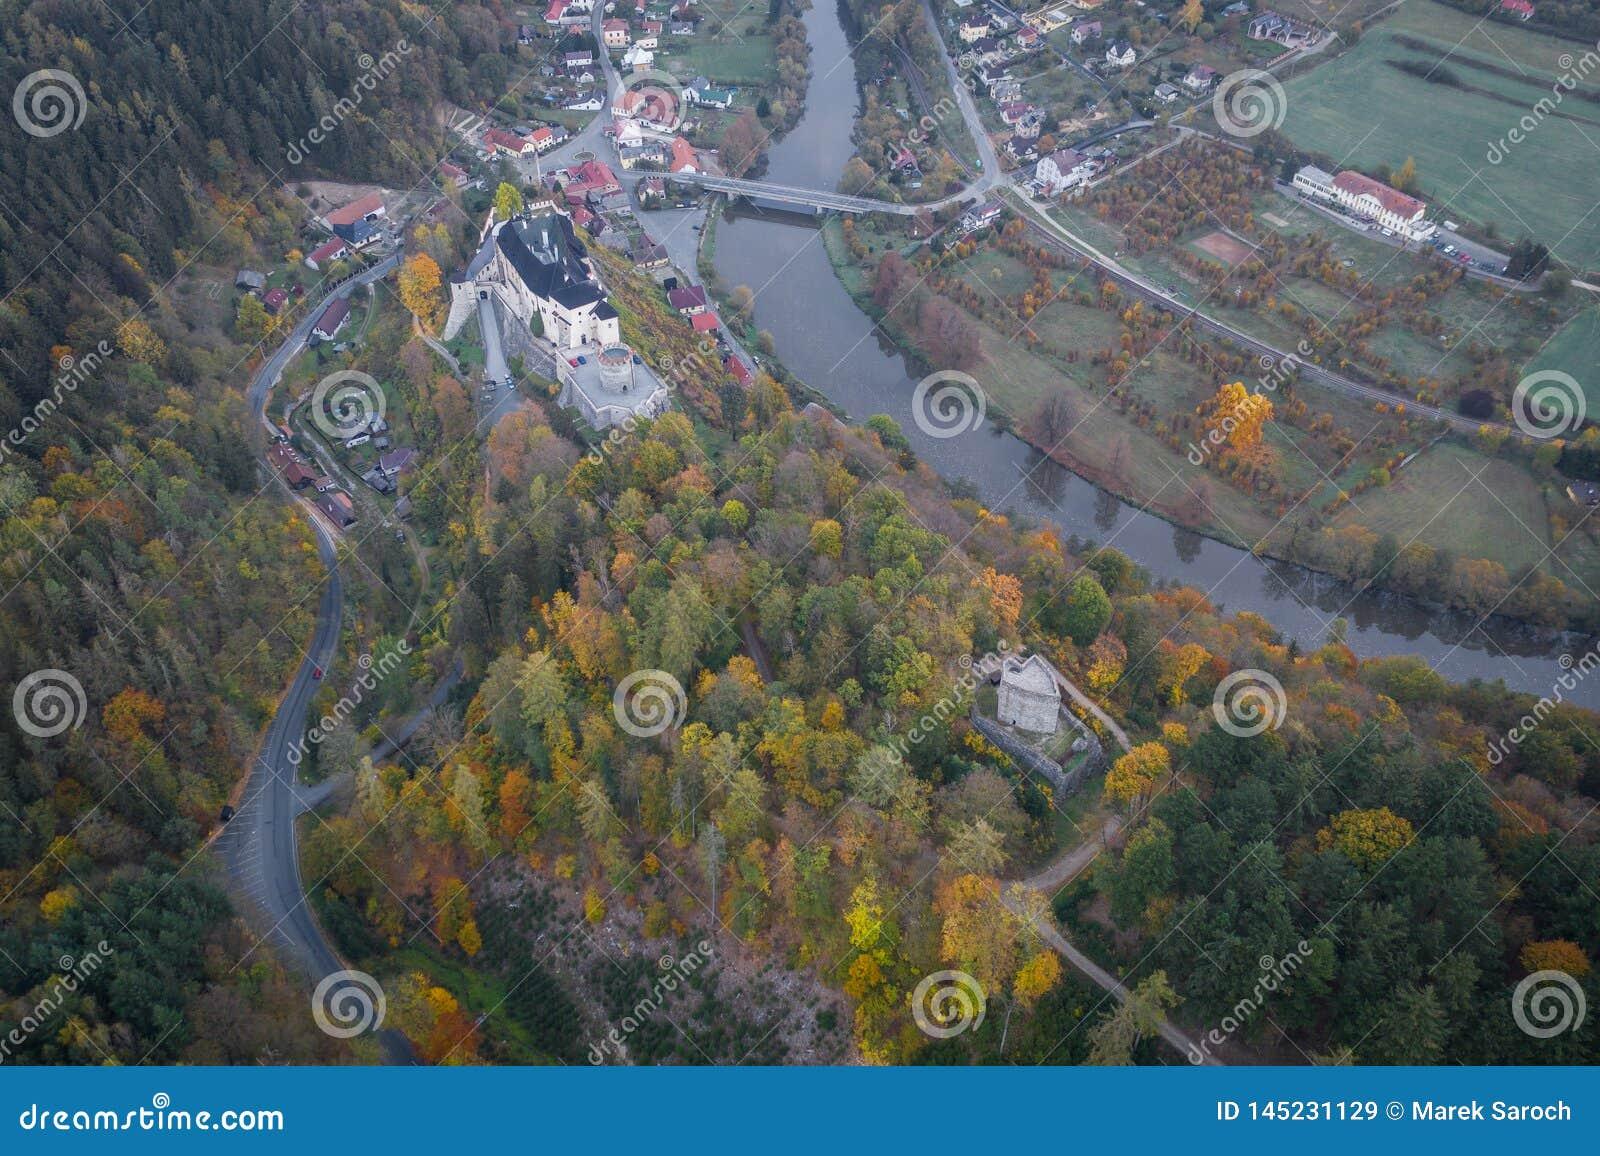 Il castello del ternberk del ½Å di ÄŒeskà è un castello della Boemia della metà del XIII secolo